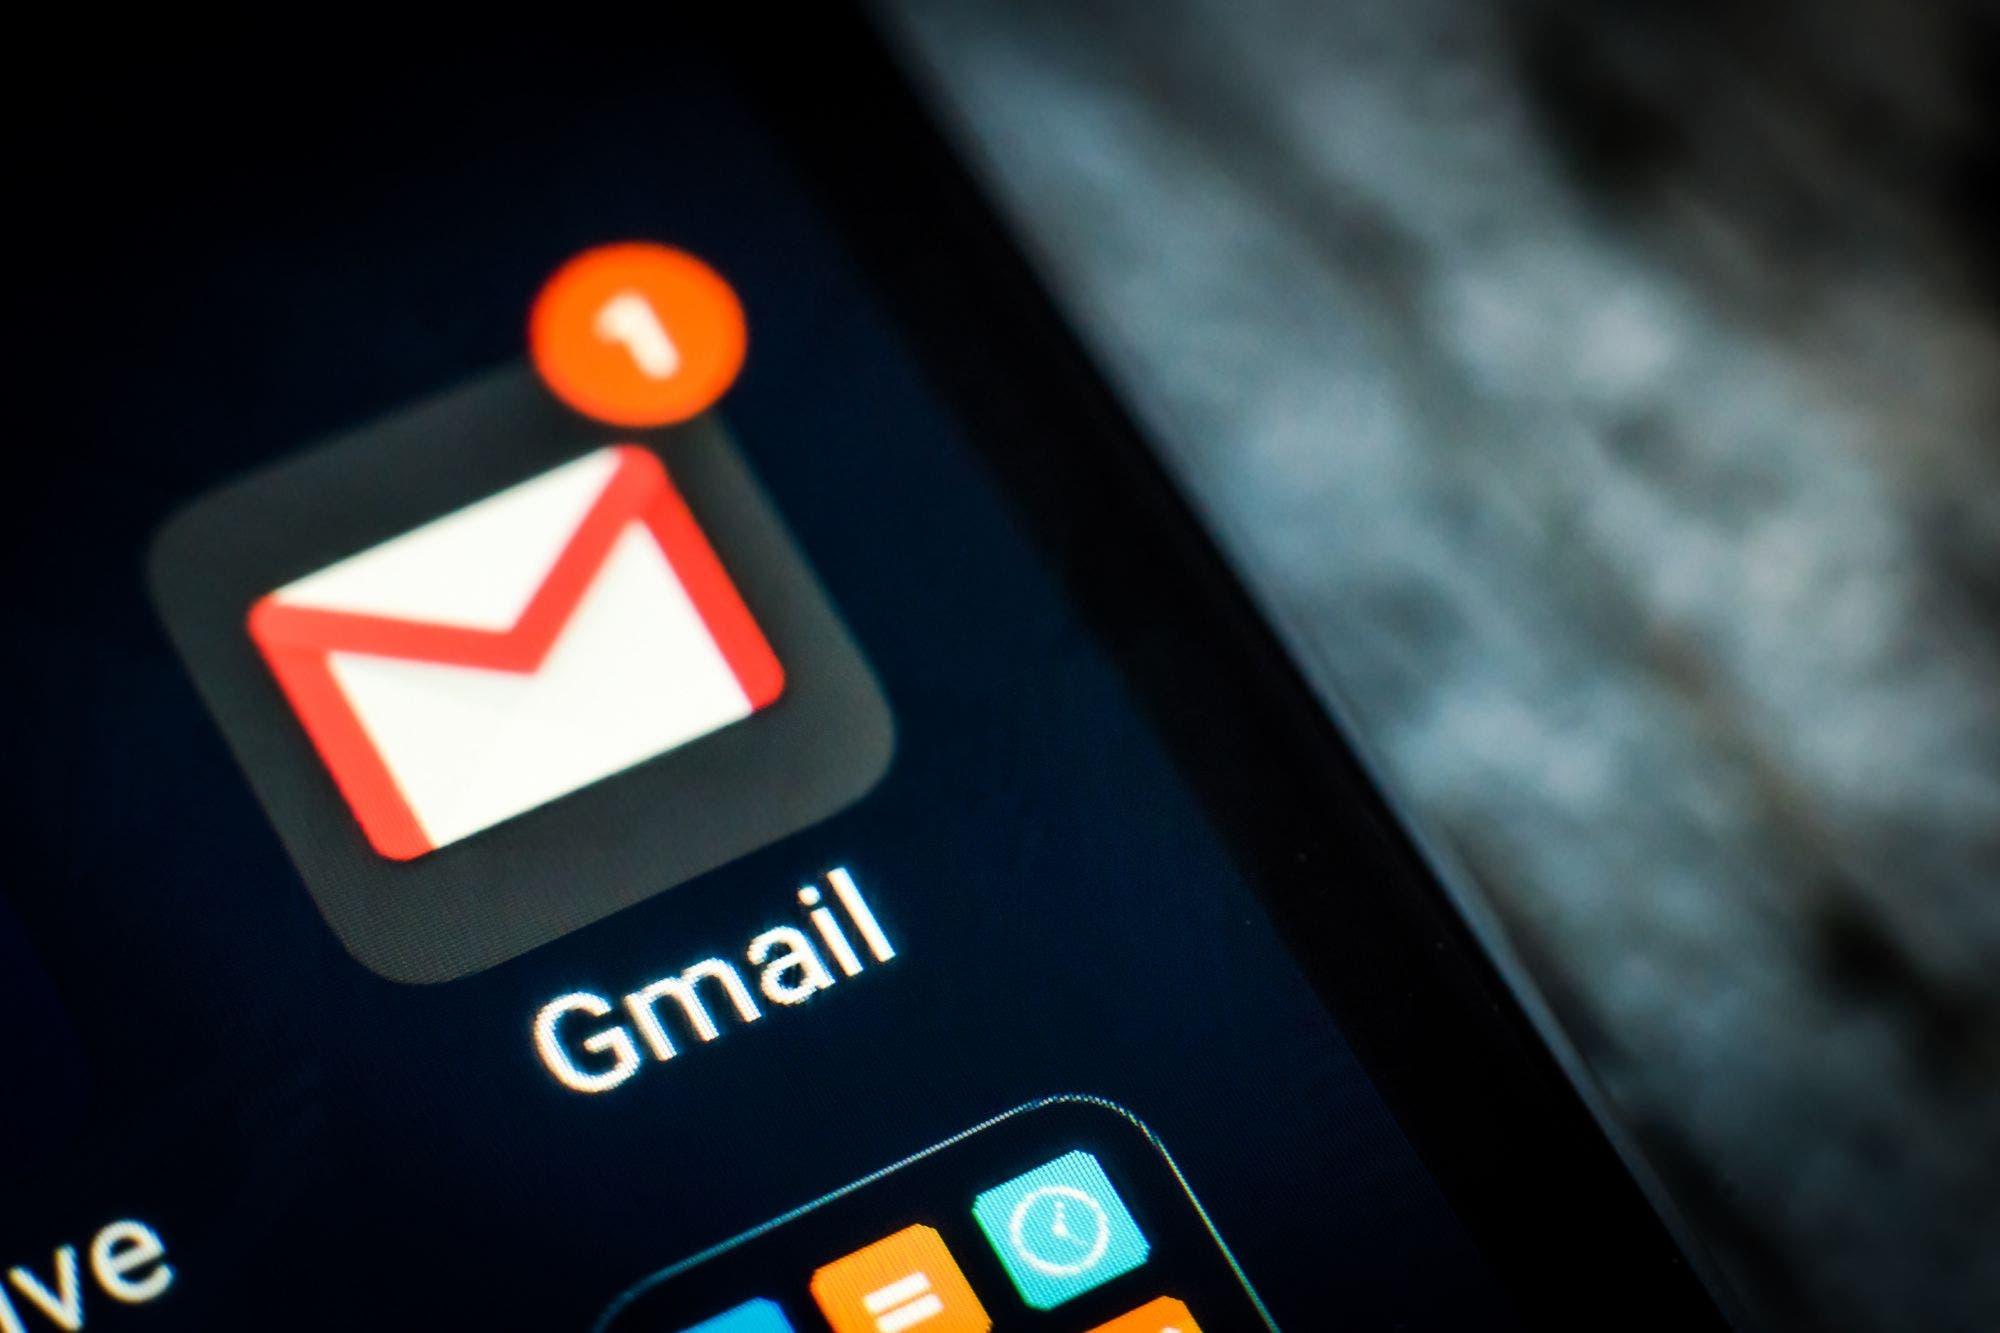 Le robaron su Gmail, reclamó por el acceso a sus archivos y sentó un precedente local